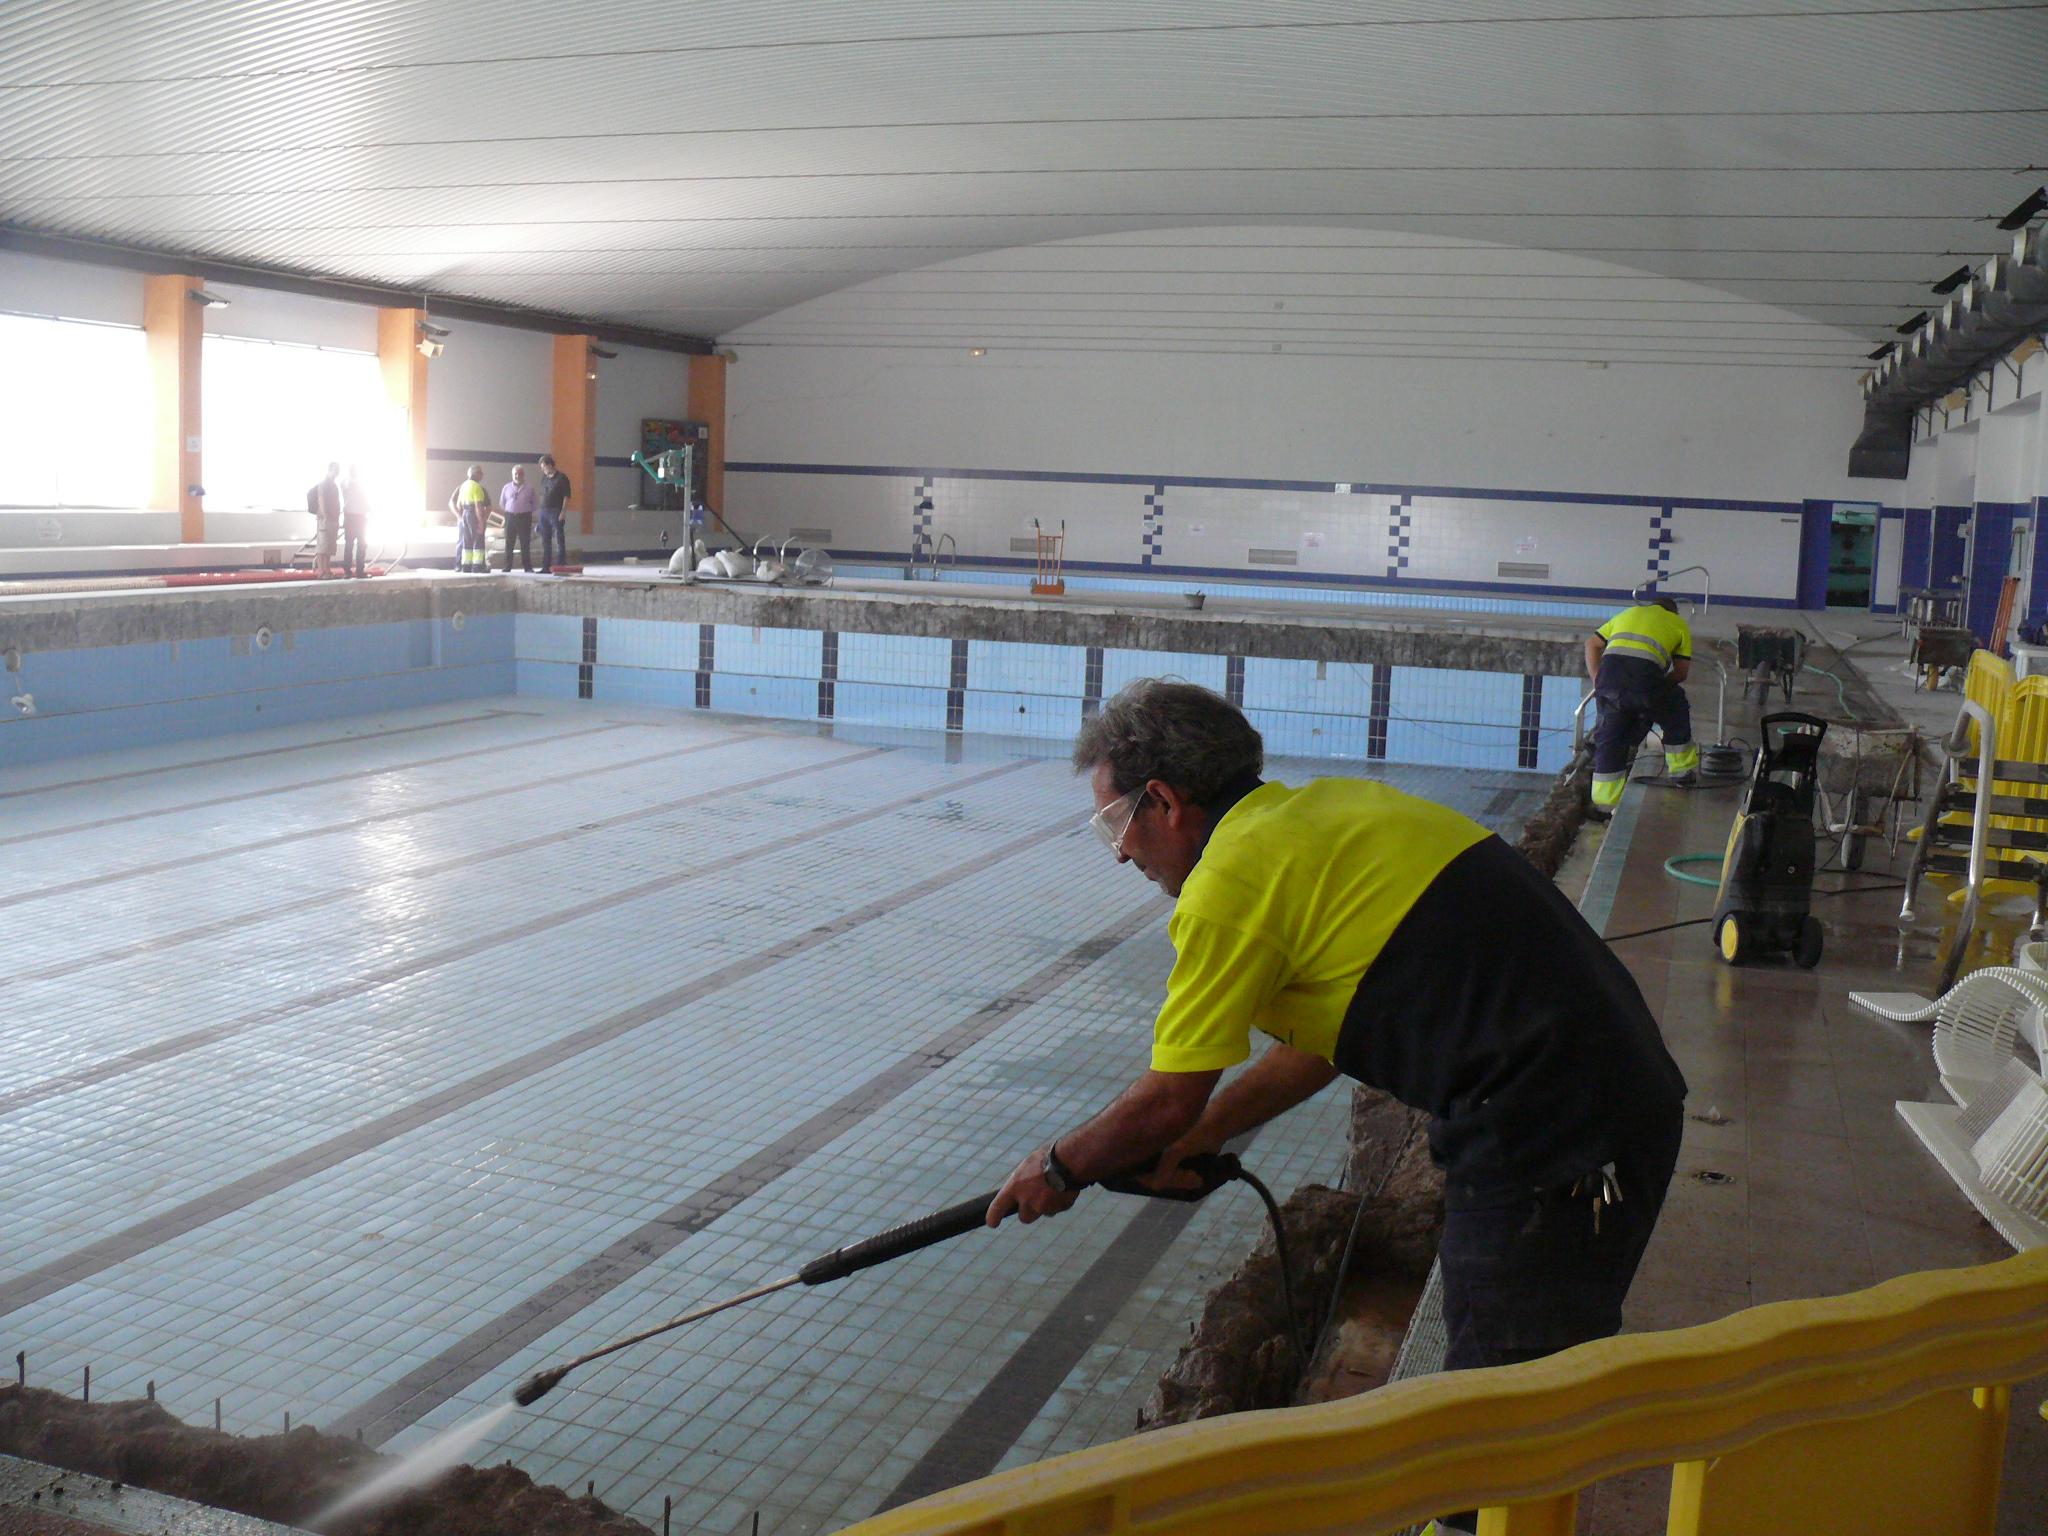 La constructora calme construir el nuevo vaso de la for Piscina climatizada navalmoral